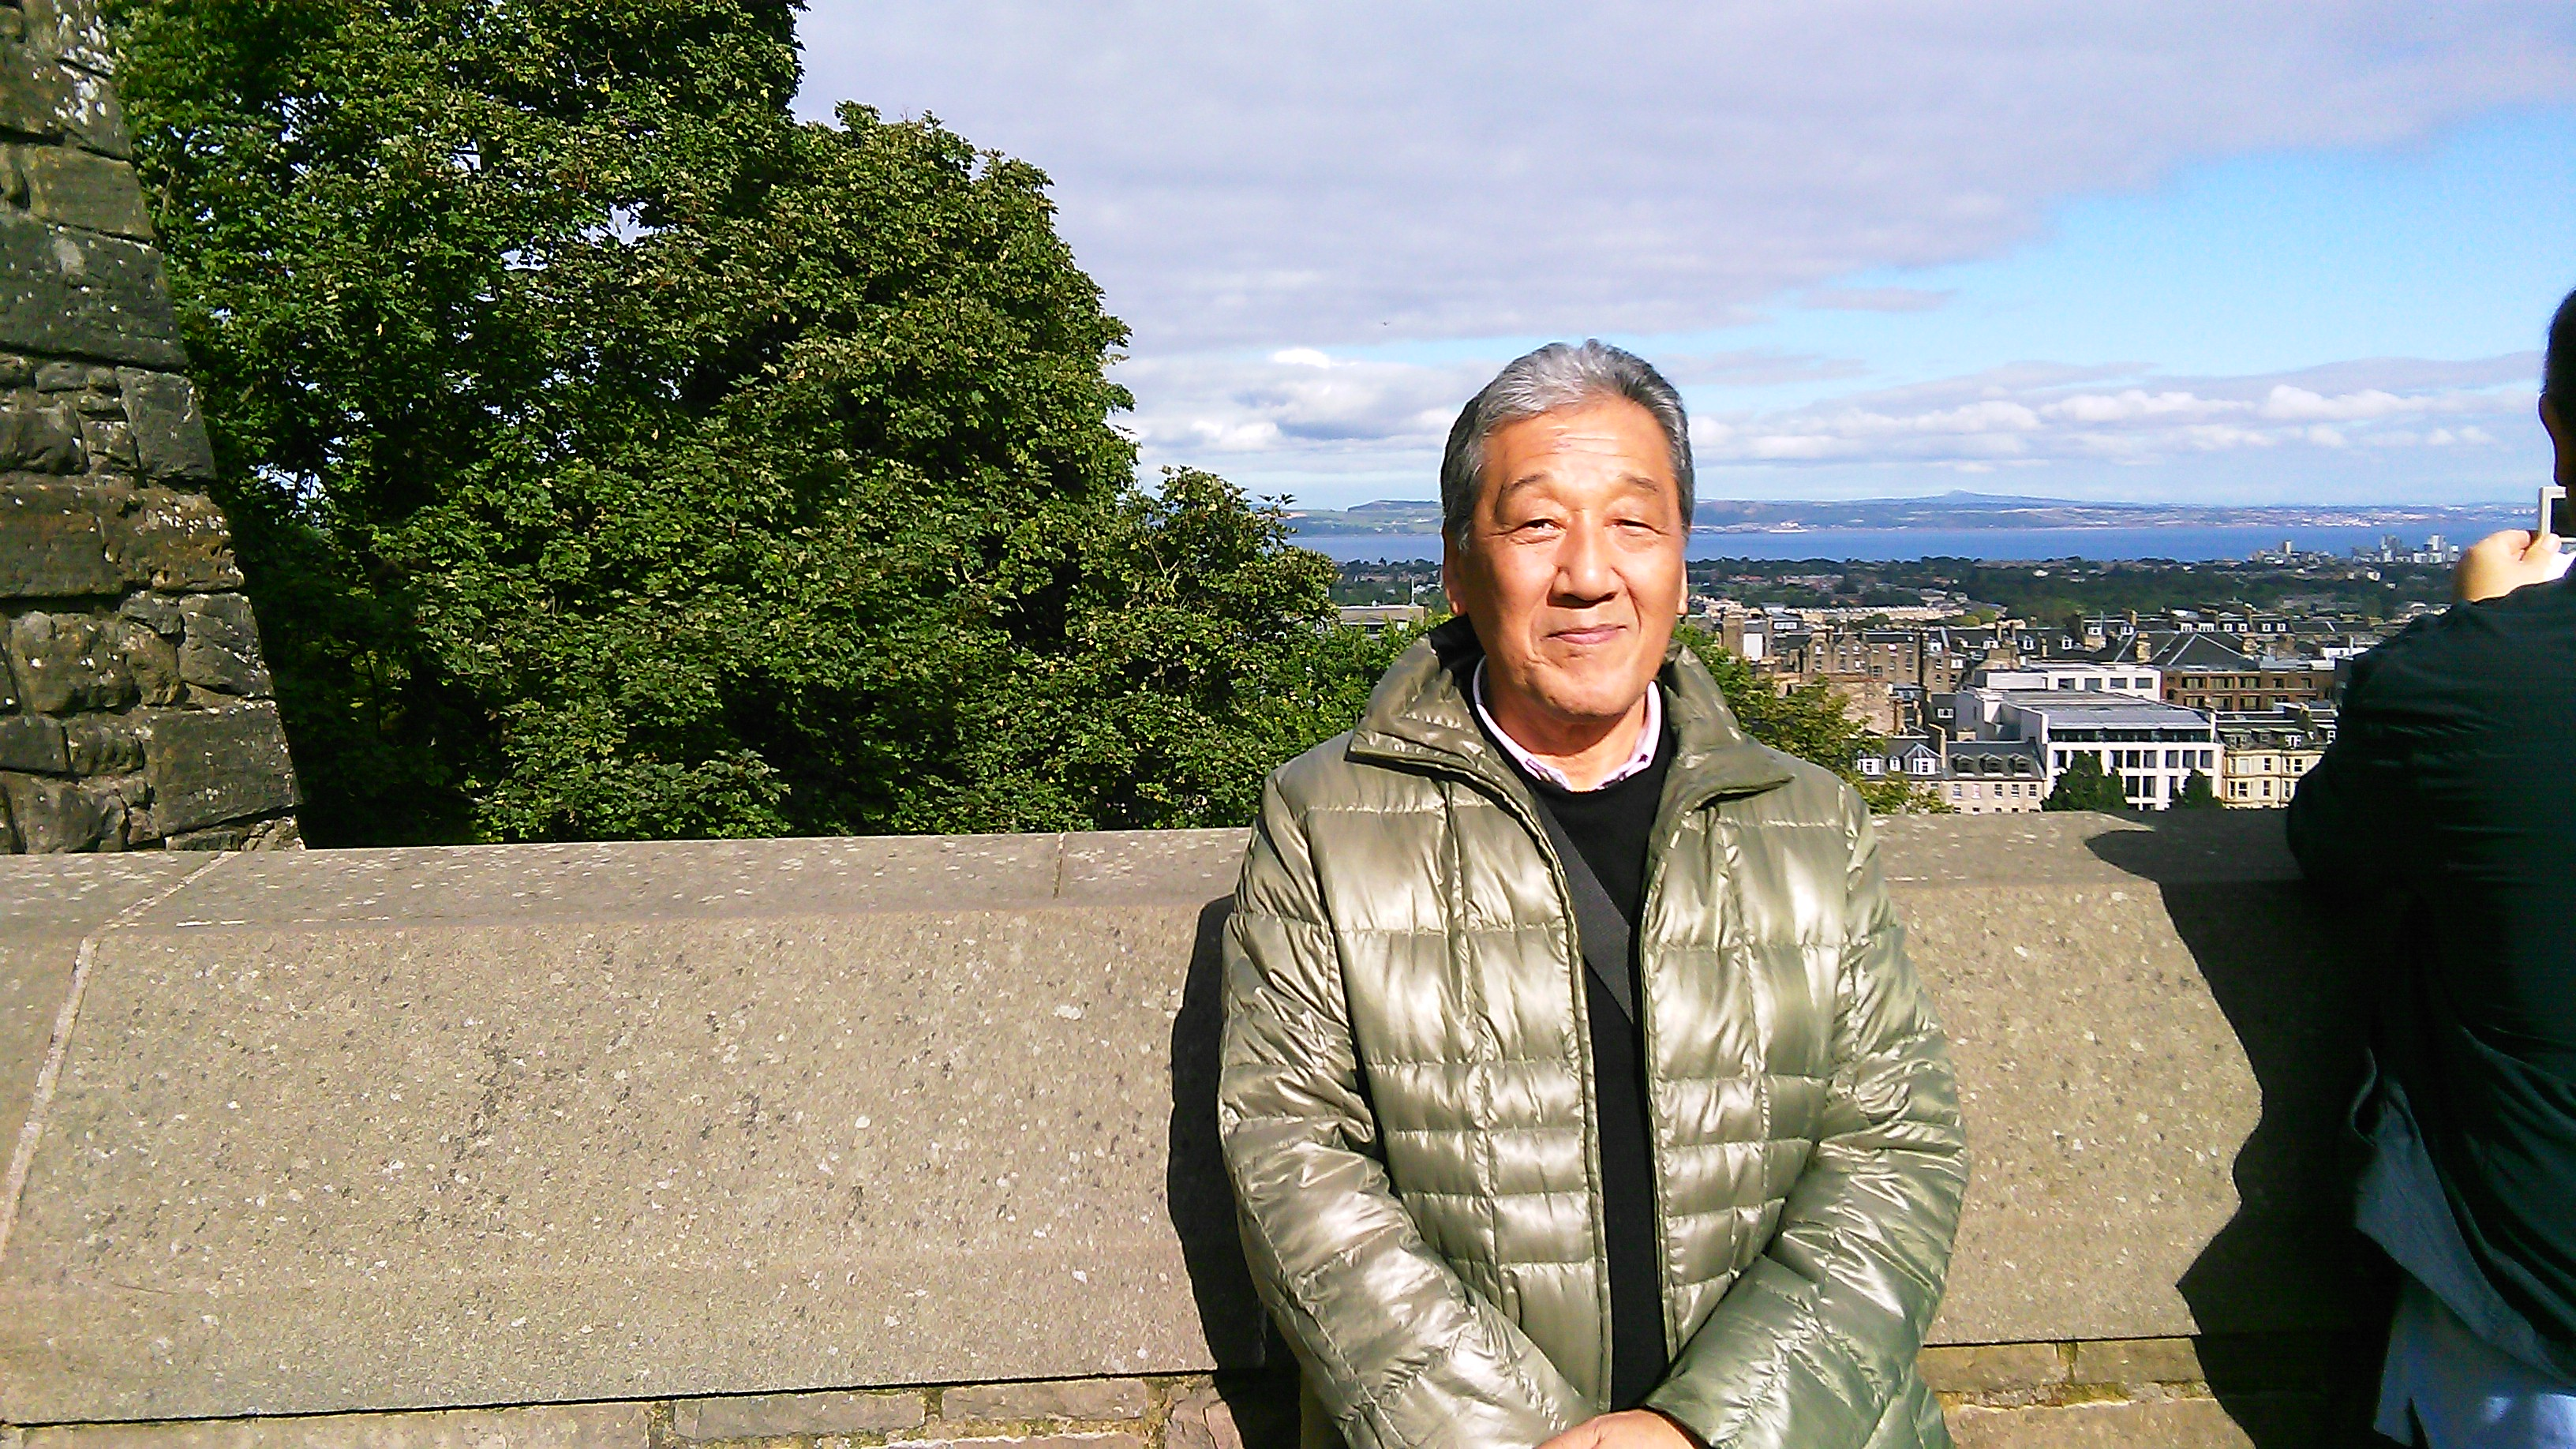 Soke Sakagami in Scotland